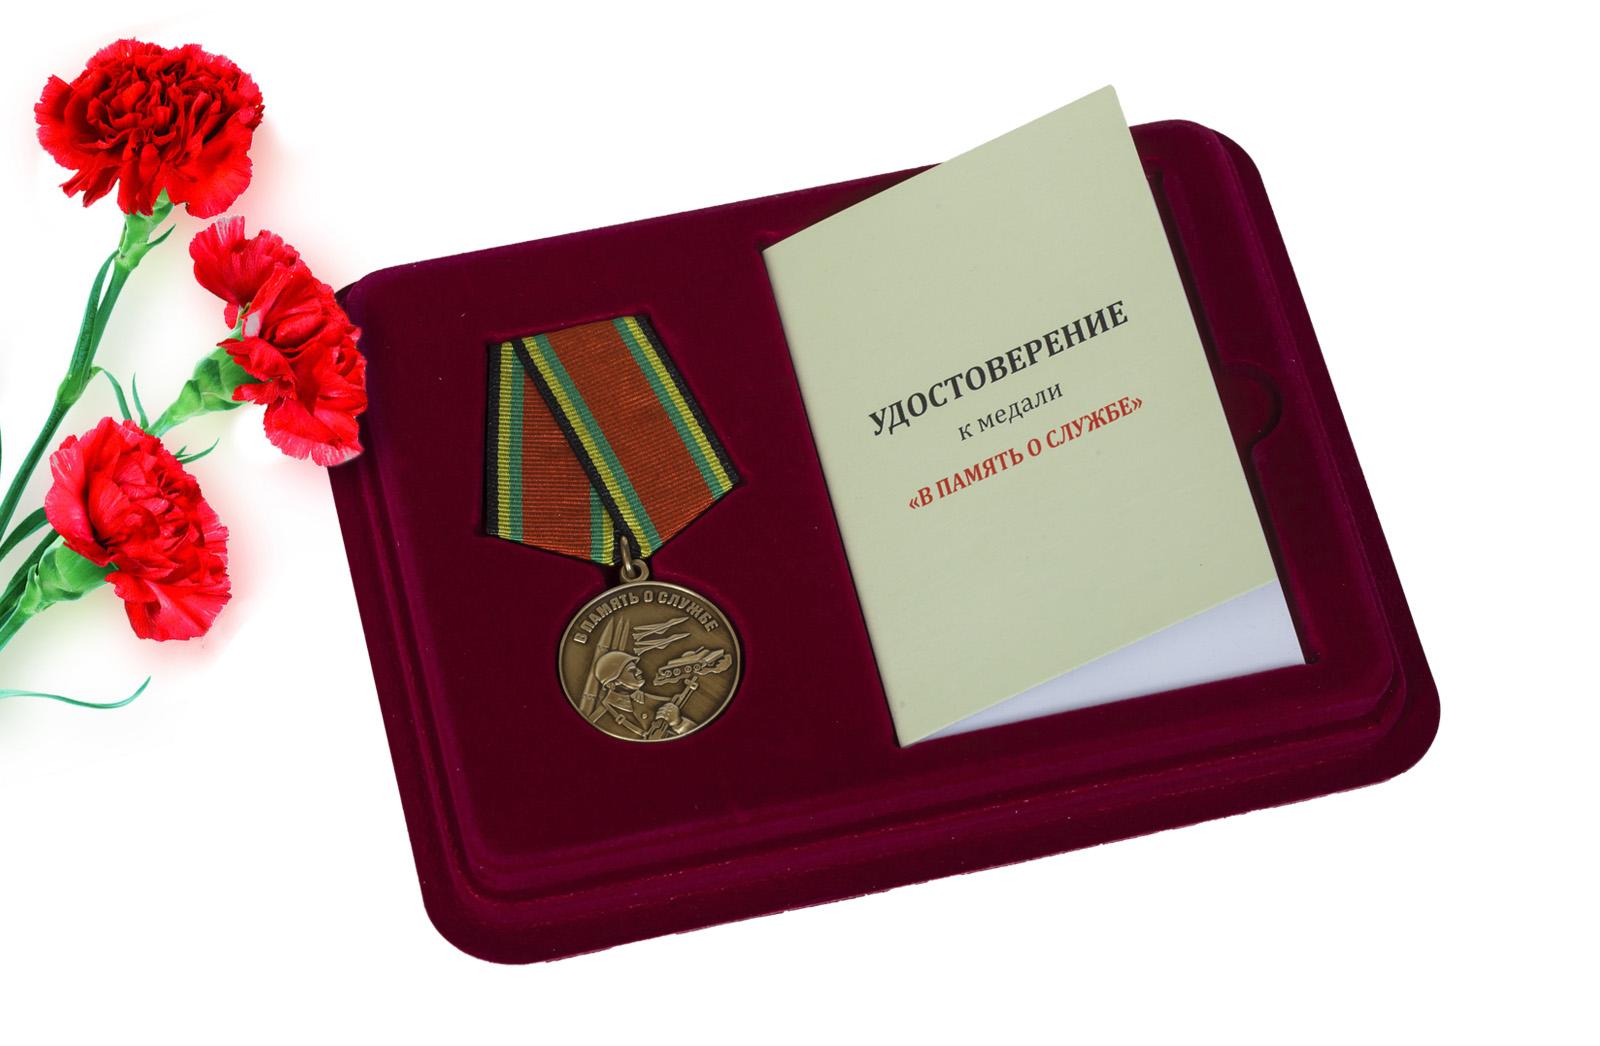 Купить медаль В память о службе с доставкой в ваш город